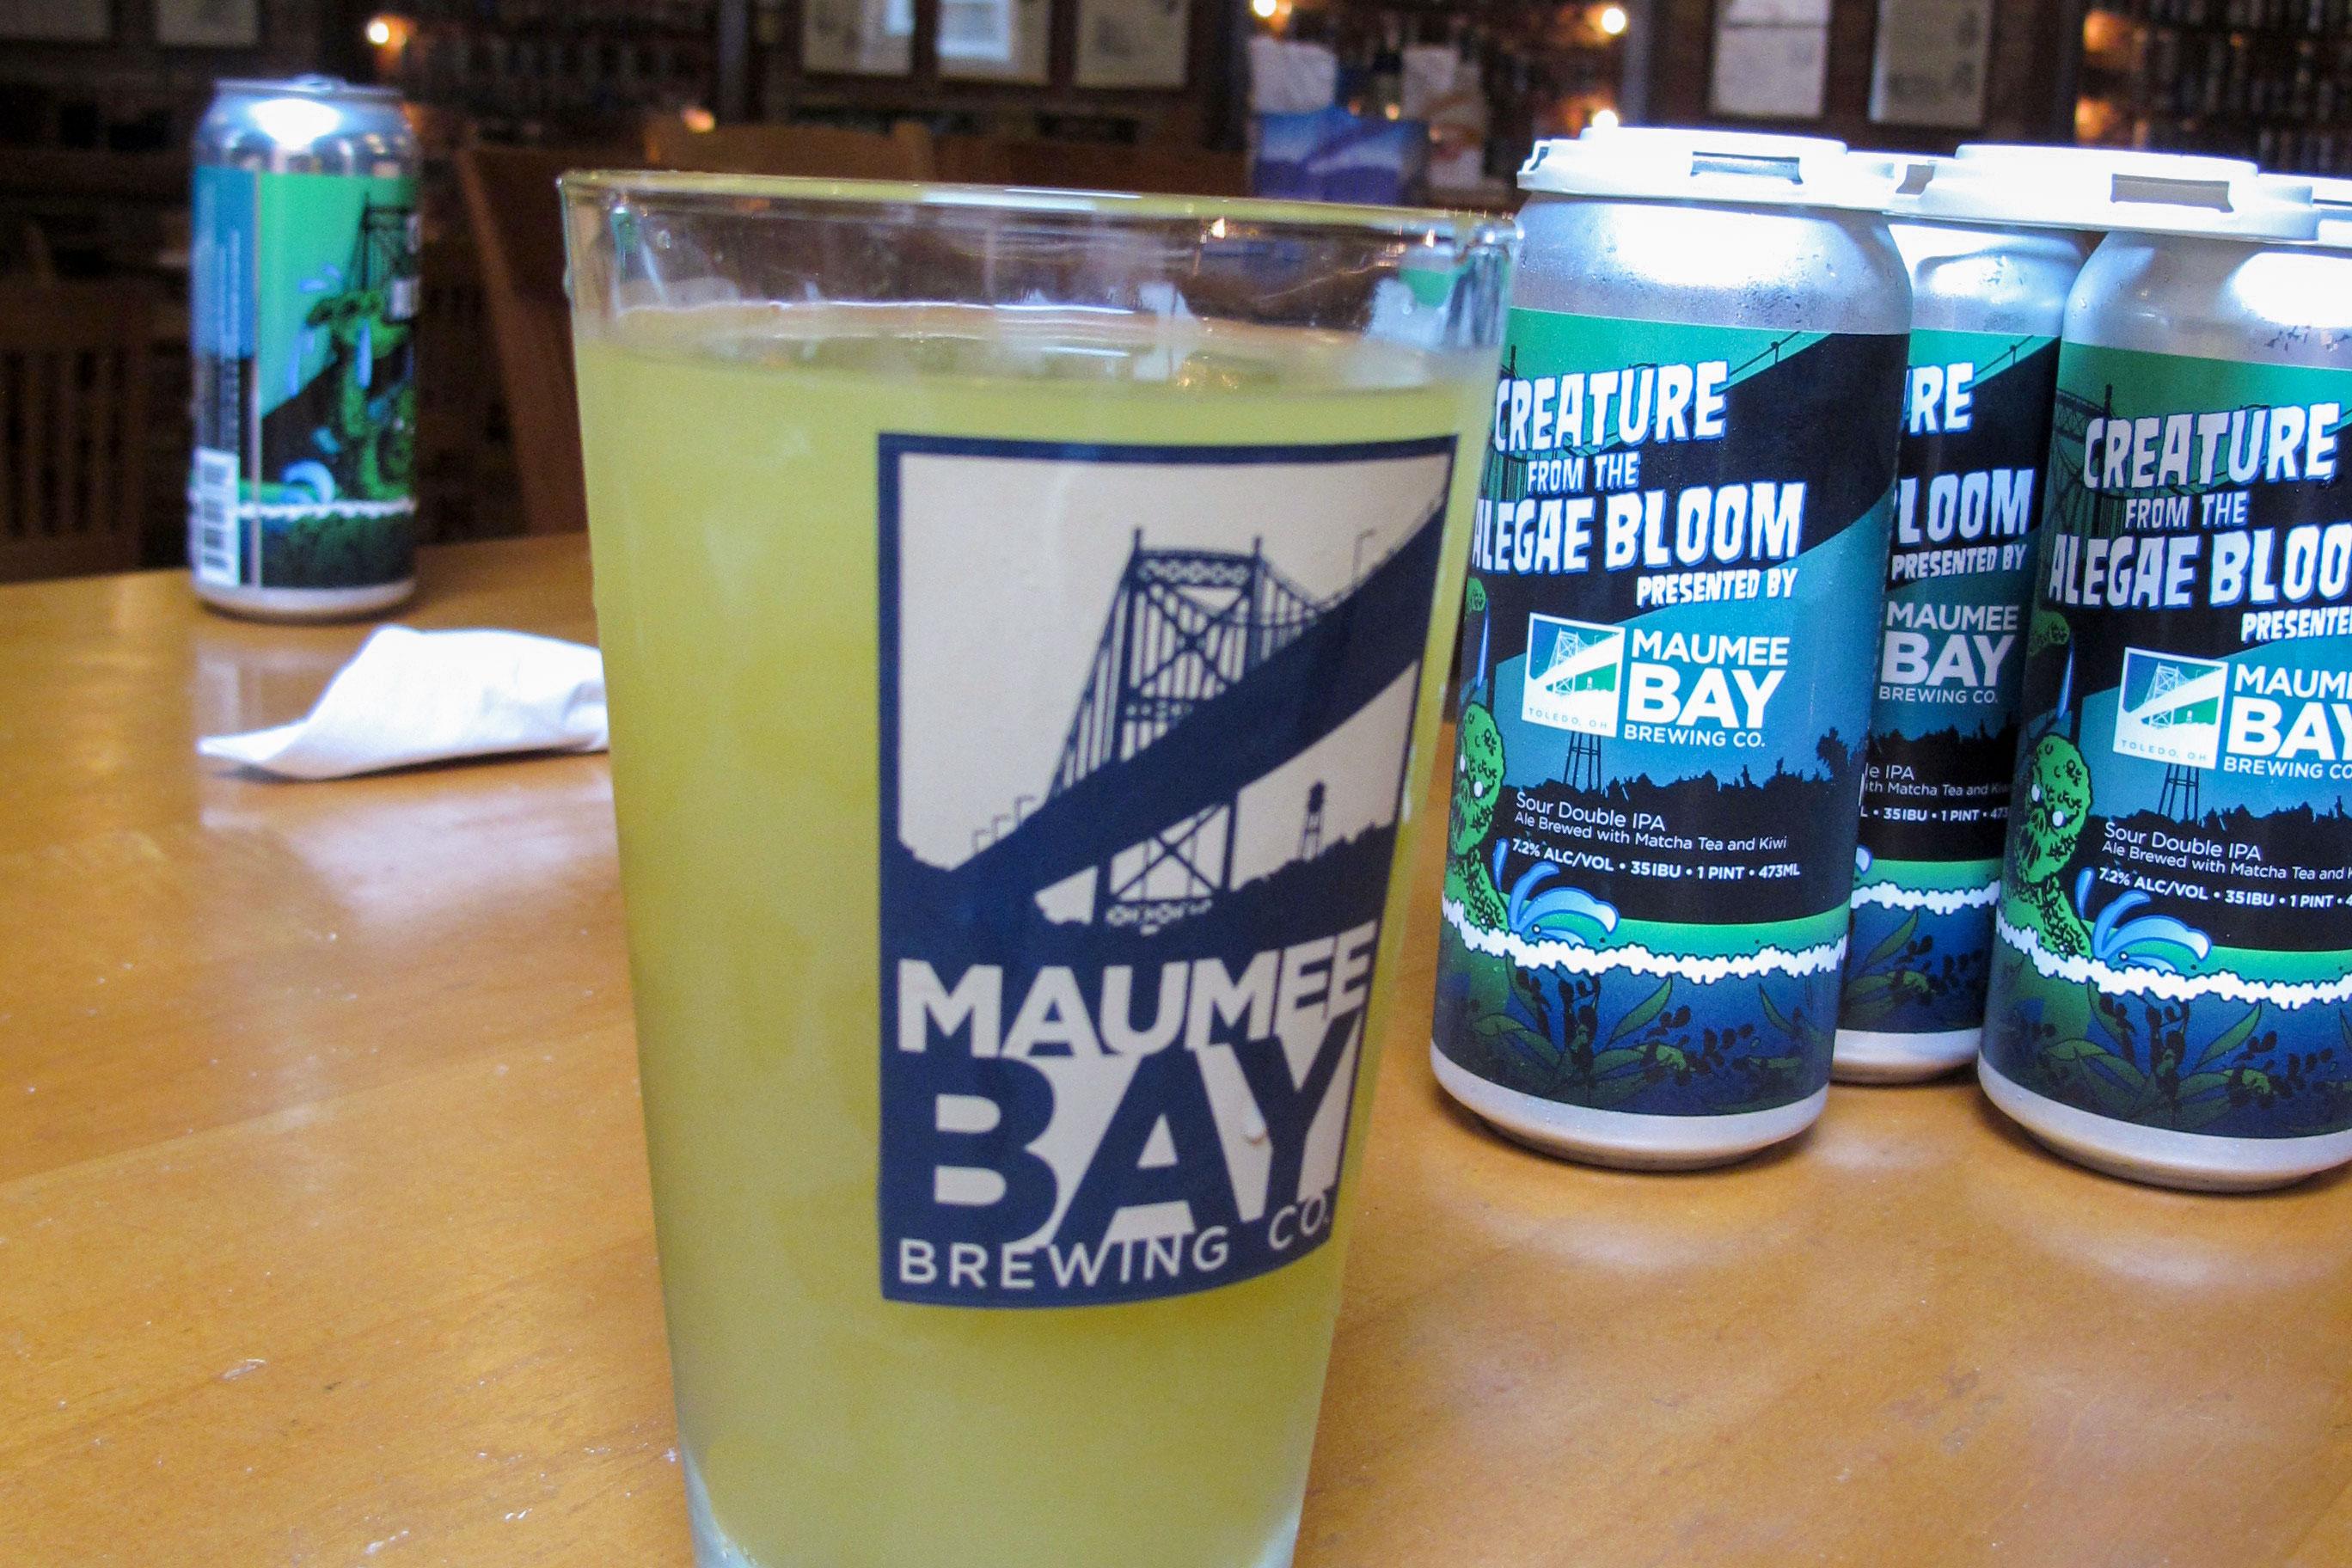 Photo: Green Algae Bloom Beer | Maumee Bay Brewing - AP